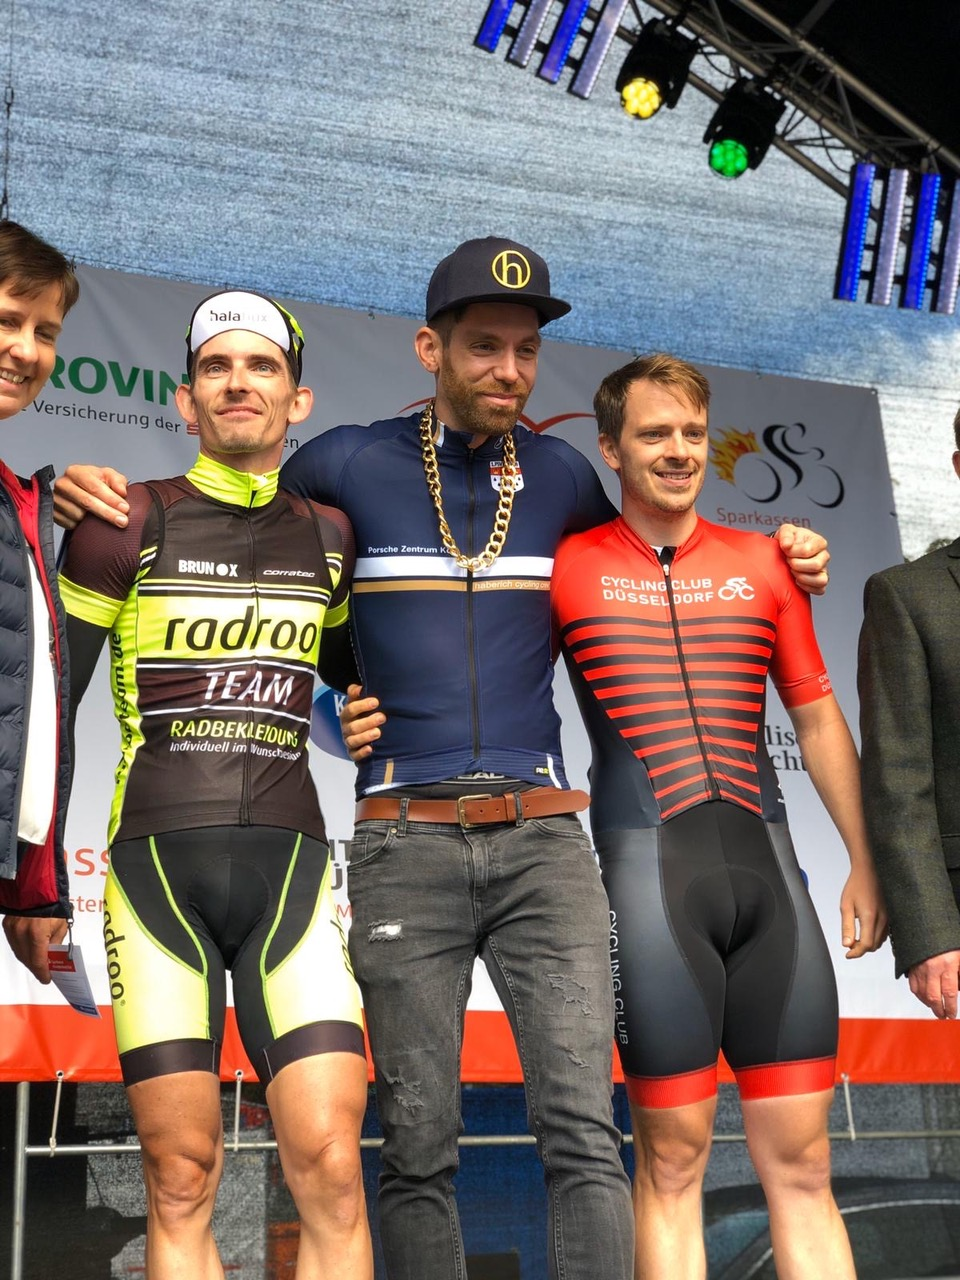 Daniel Holtmann (Cycling club düsseldorf e.V. (rechts) belegt Platz 4 auf der 60-Kilometer-Streckebeleg